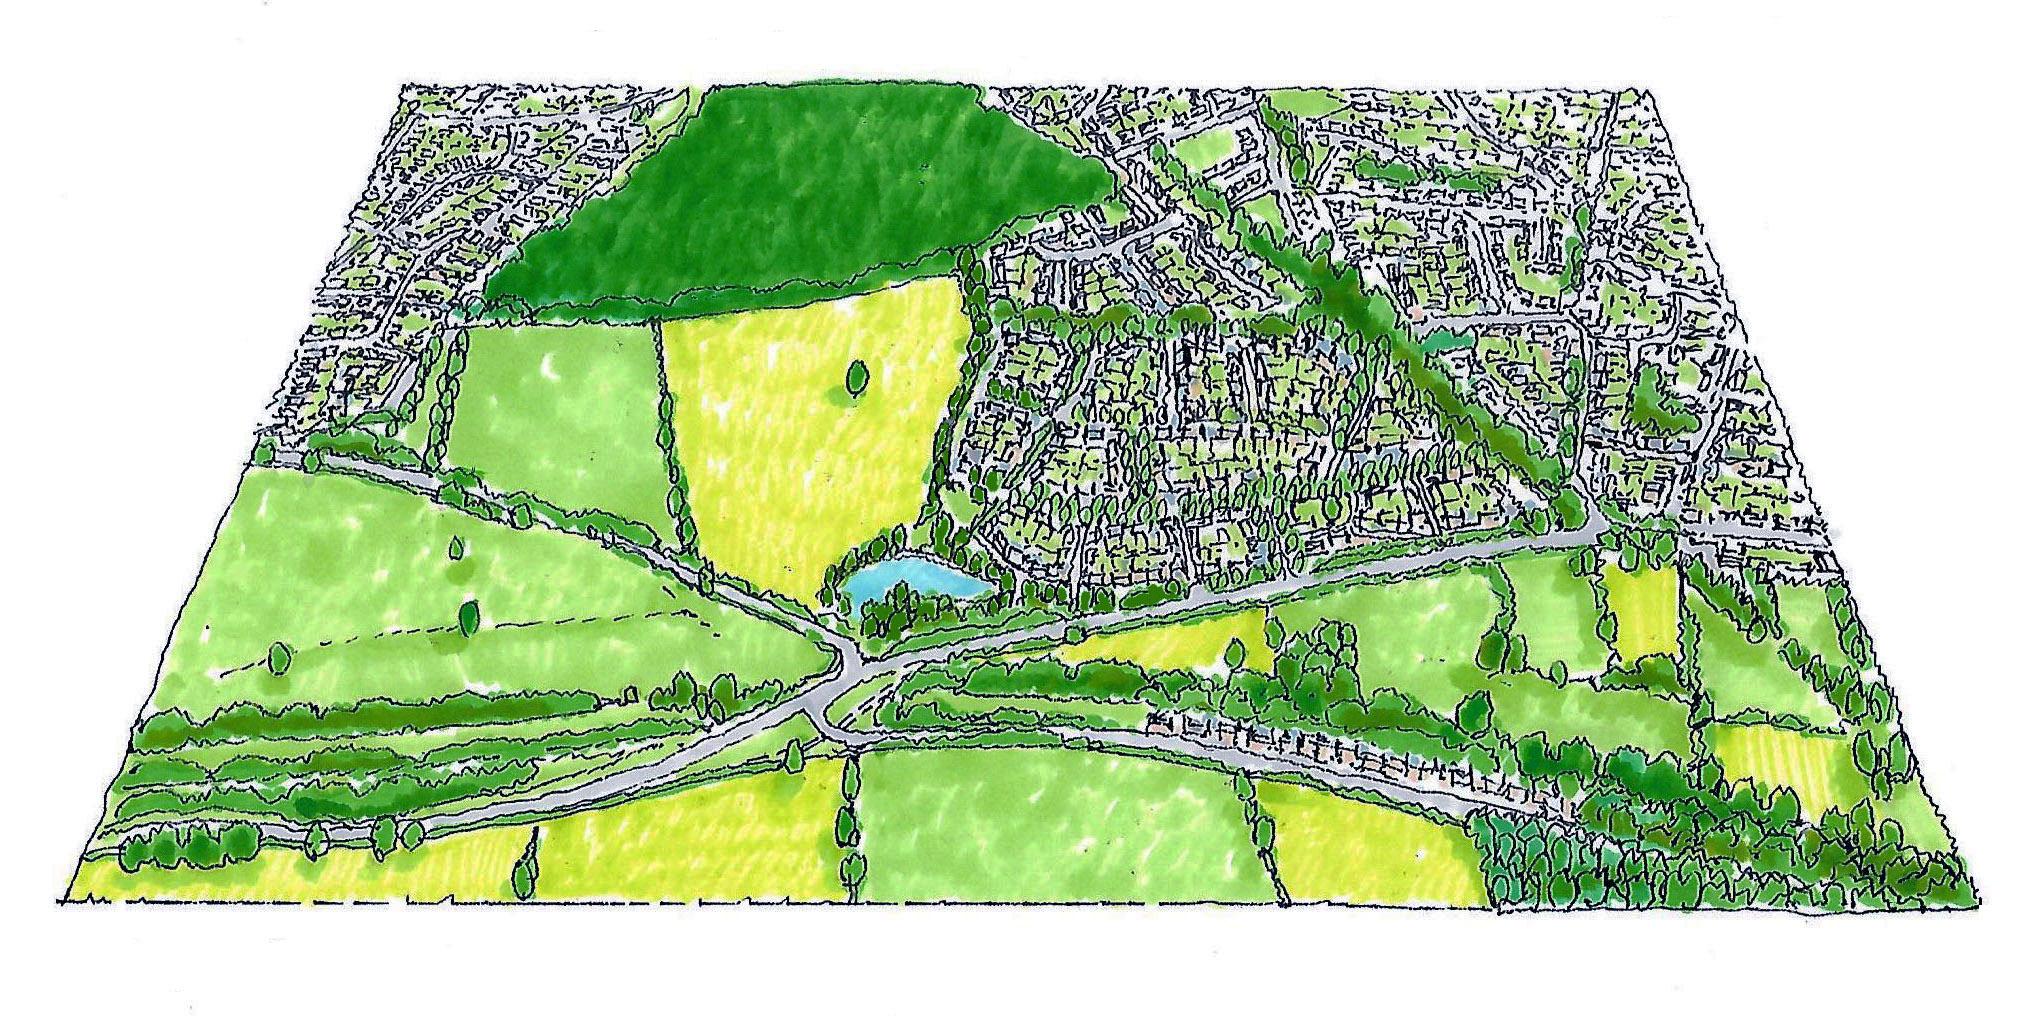 Lime Lane - Rendered Master Plan